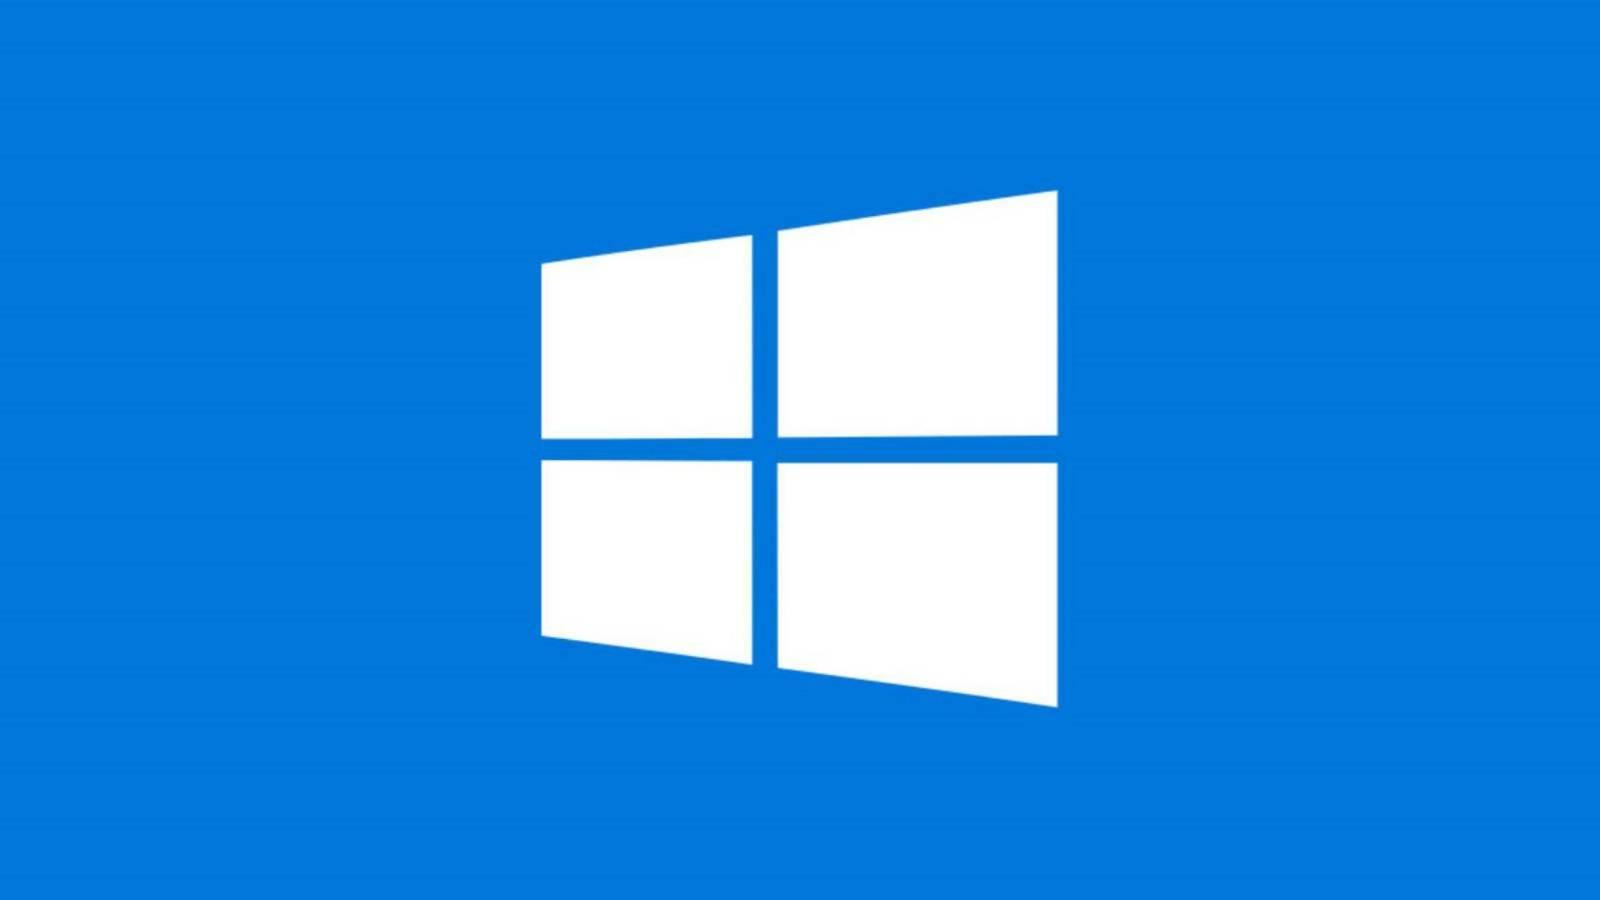 Windows 10 descoperire